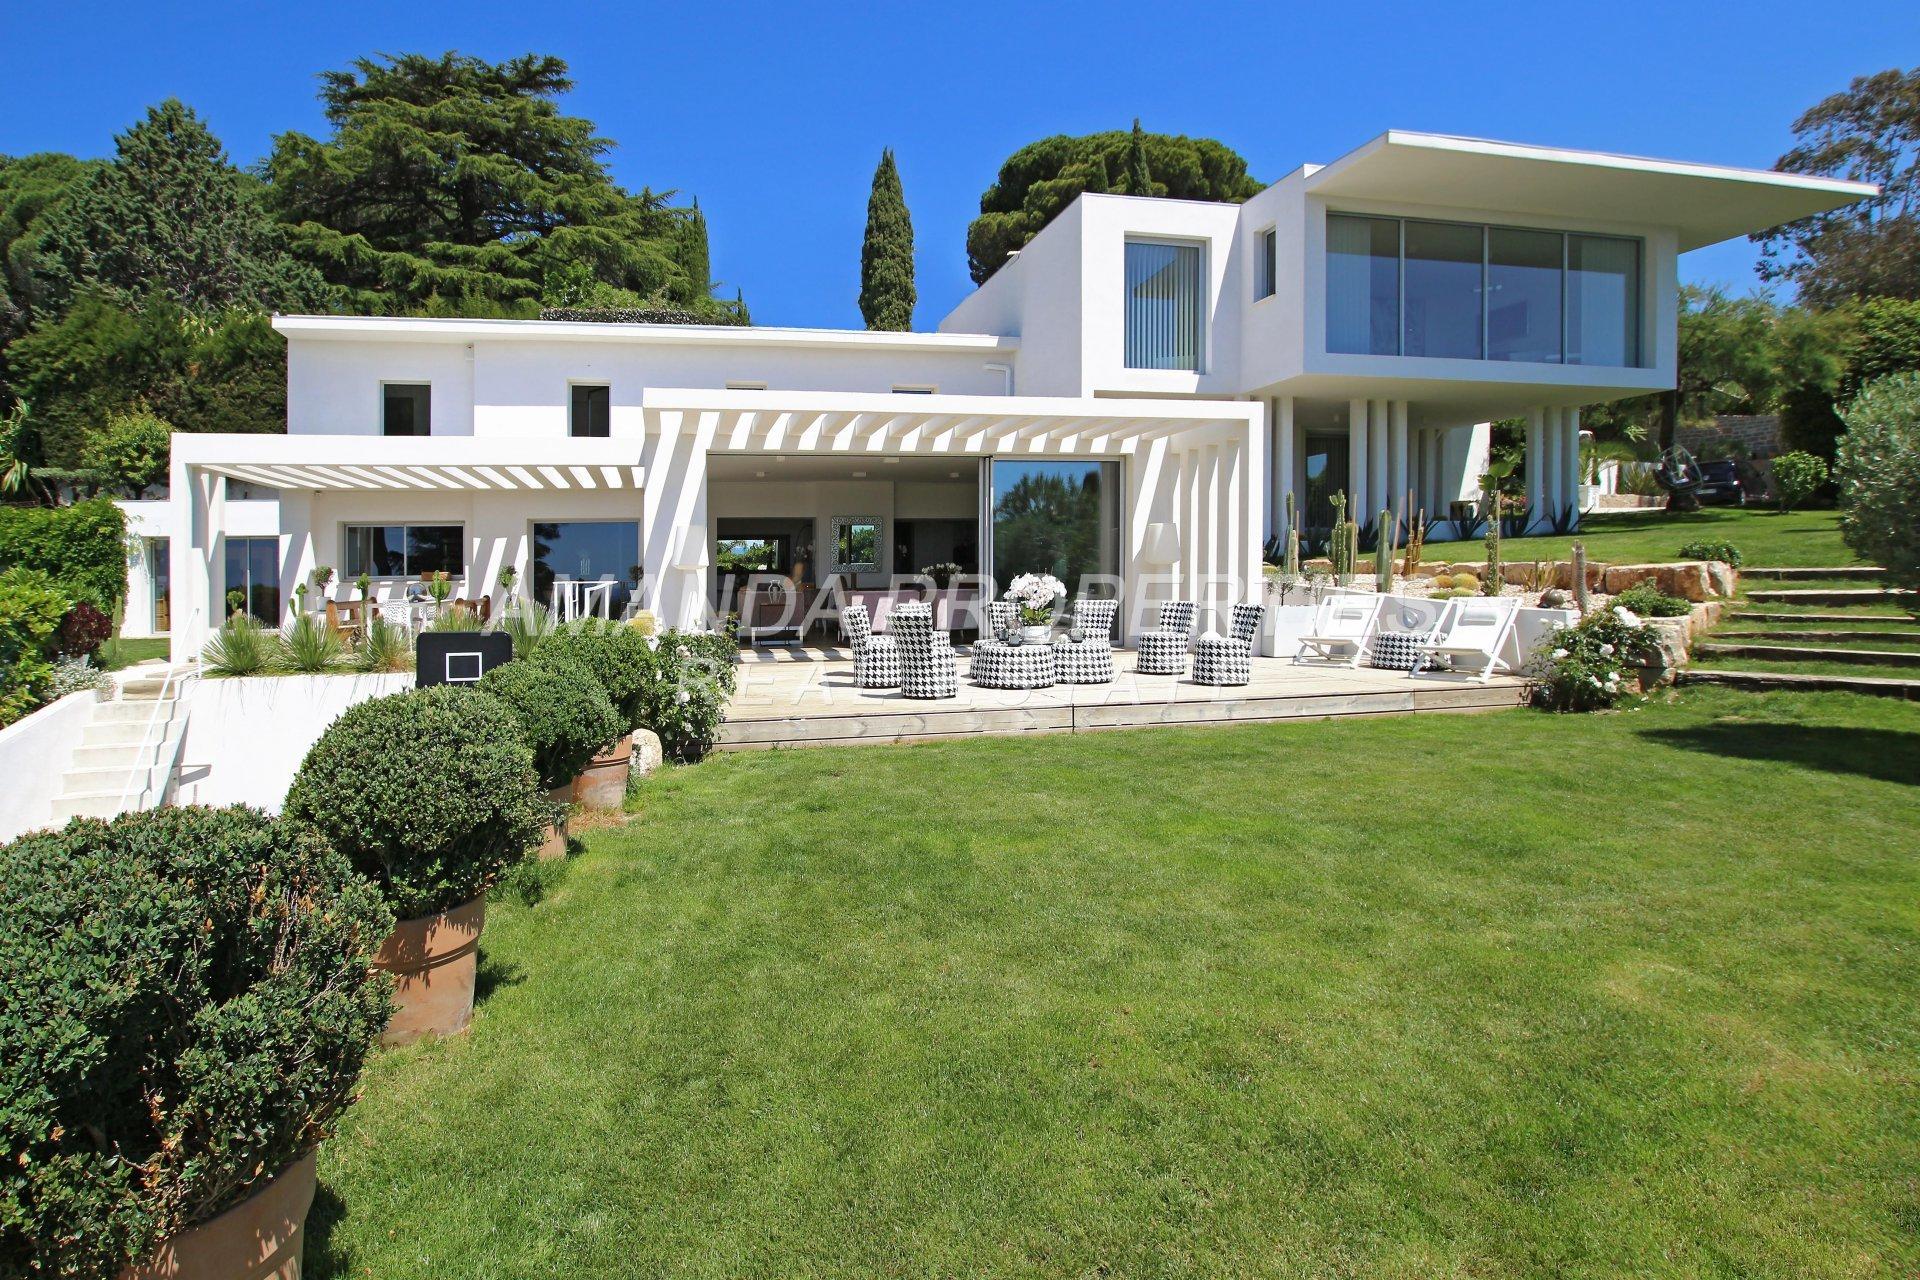 Villa in Cannes, Provence-Alpes-Côte d'Azur, France 1 - 10877817